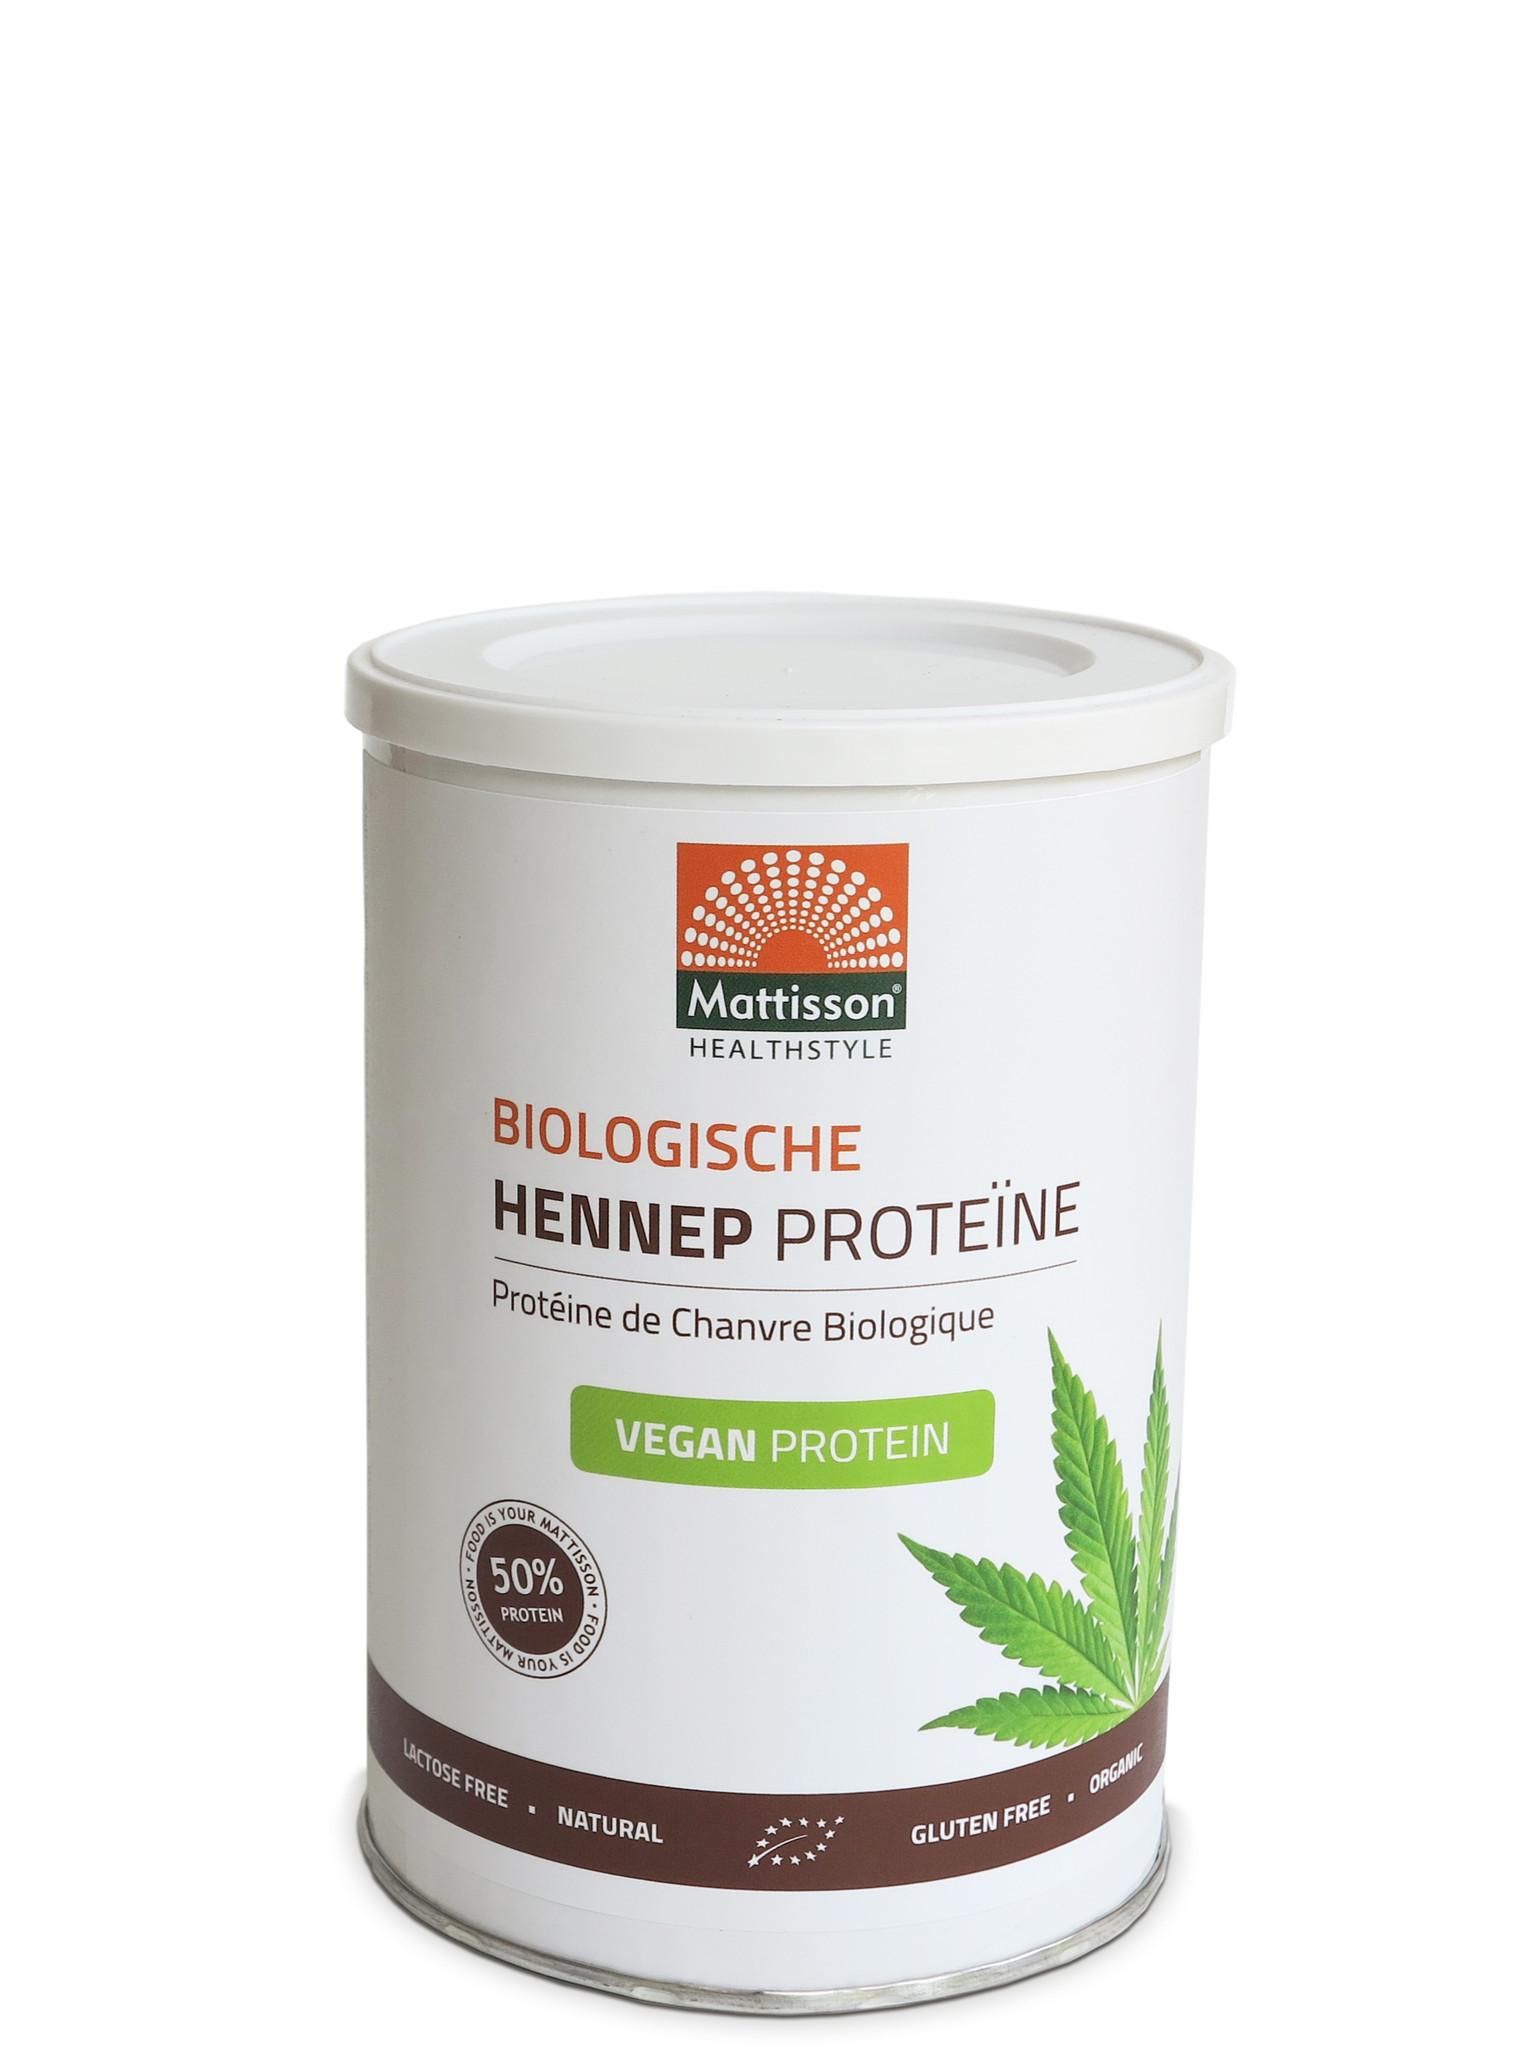 Hennep poeder vegan Biologische proteine